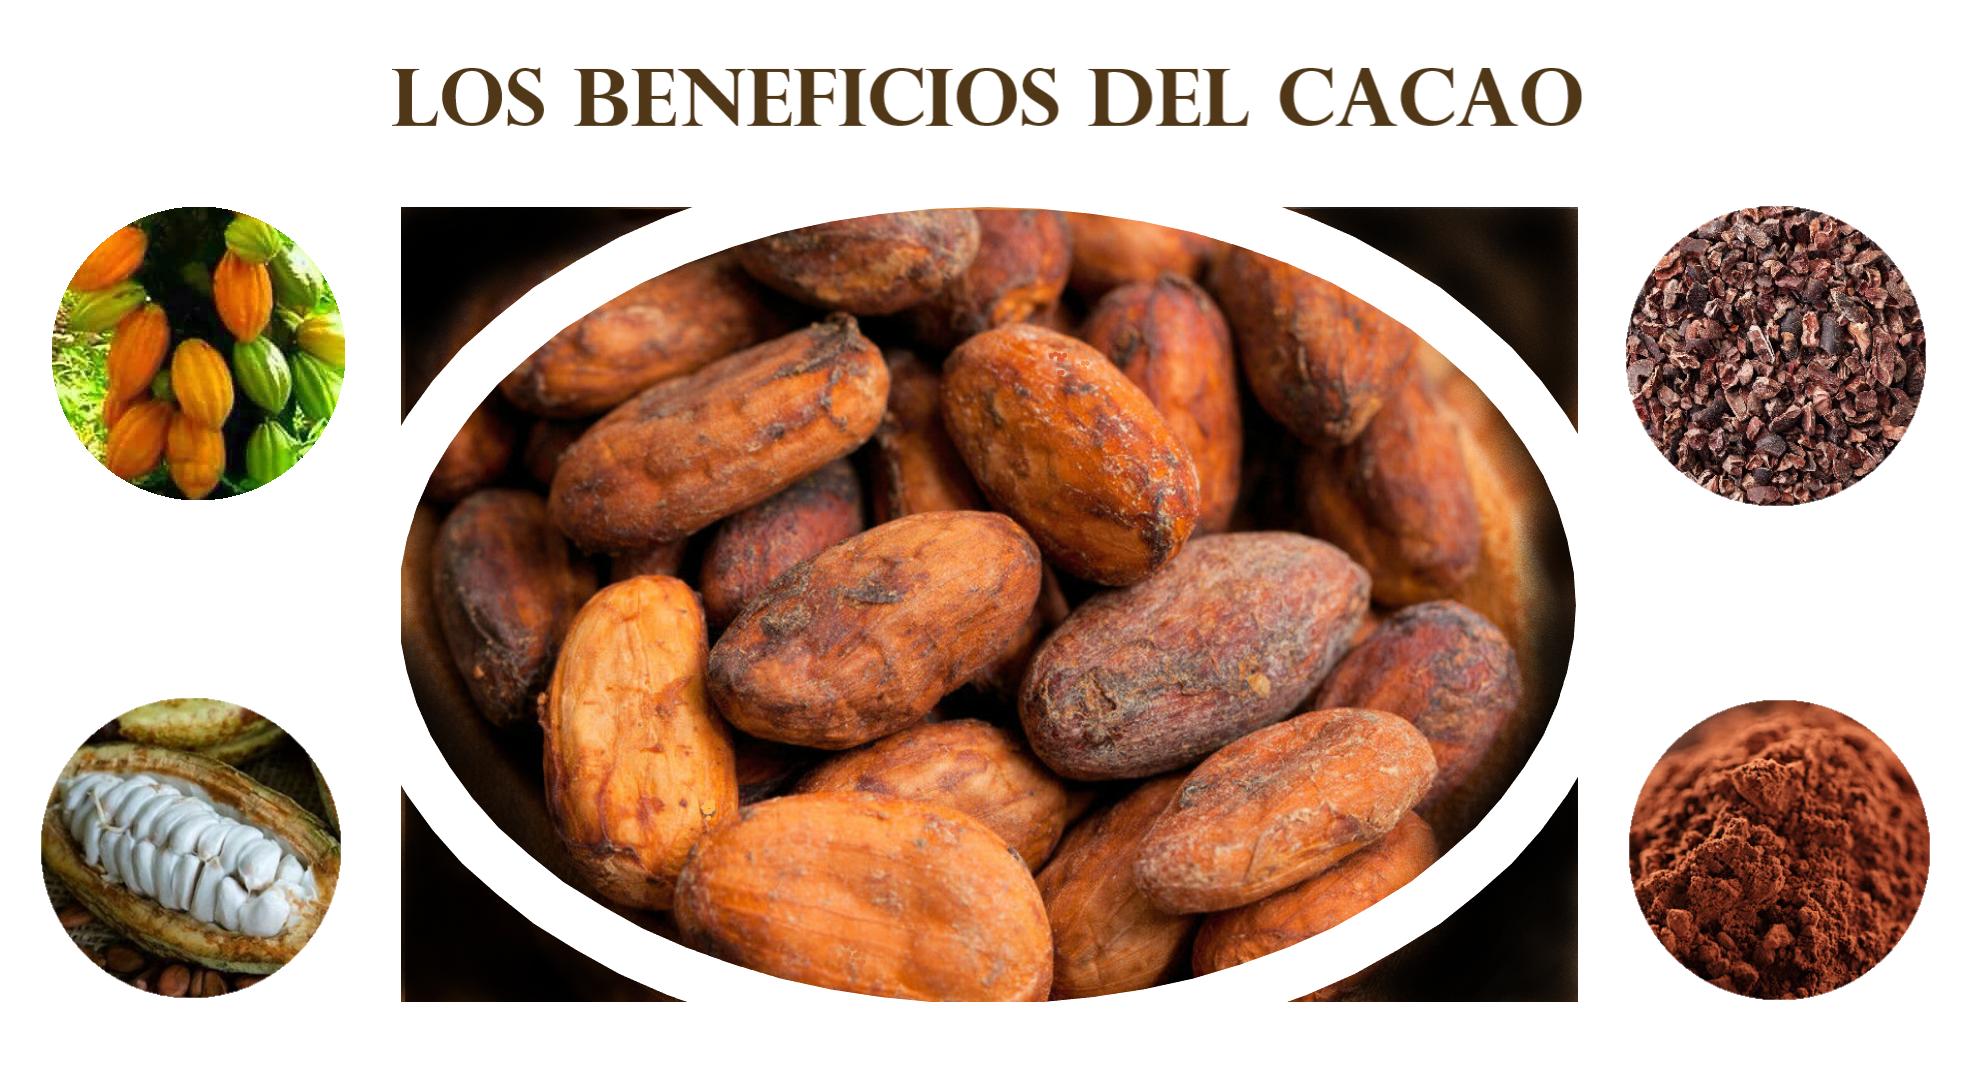 El cacao y sus beneficios